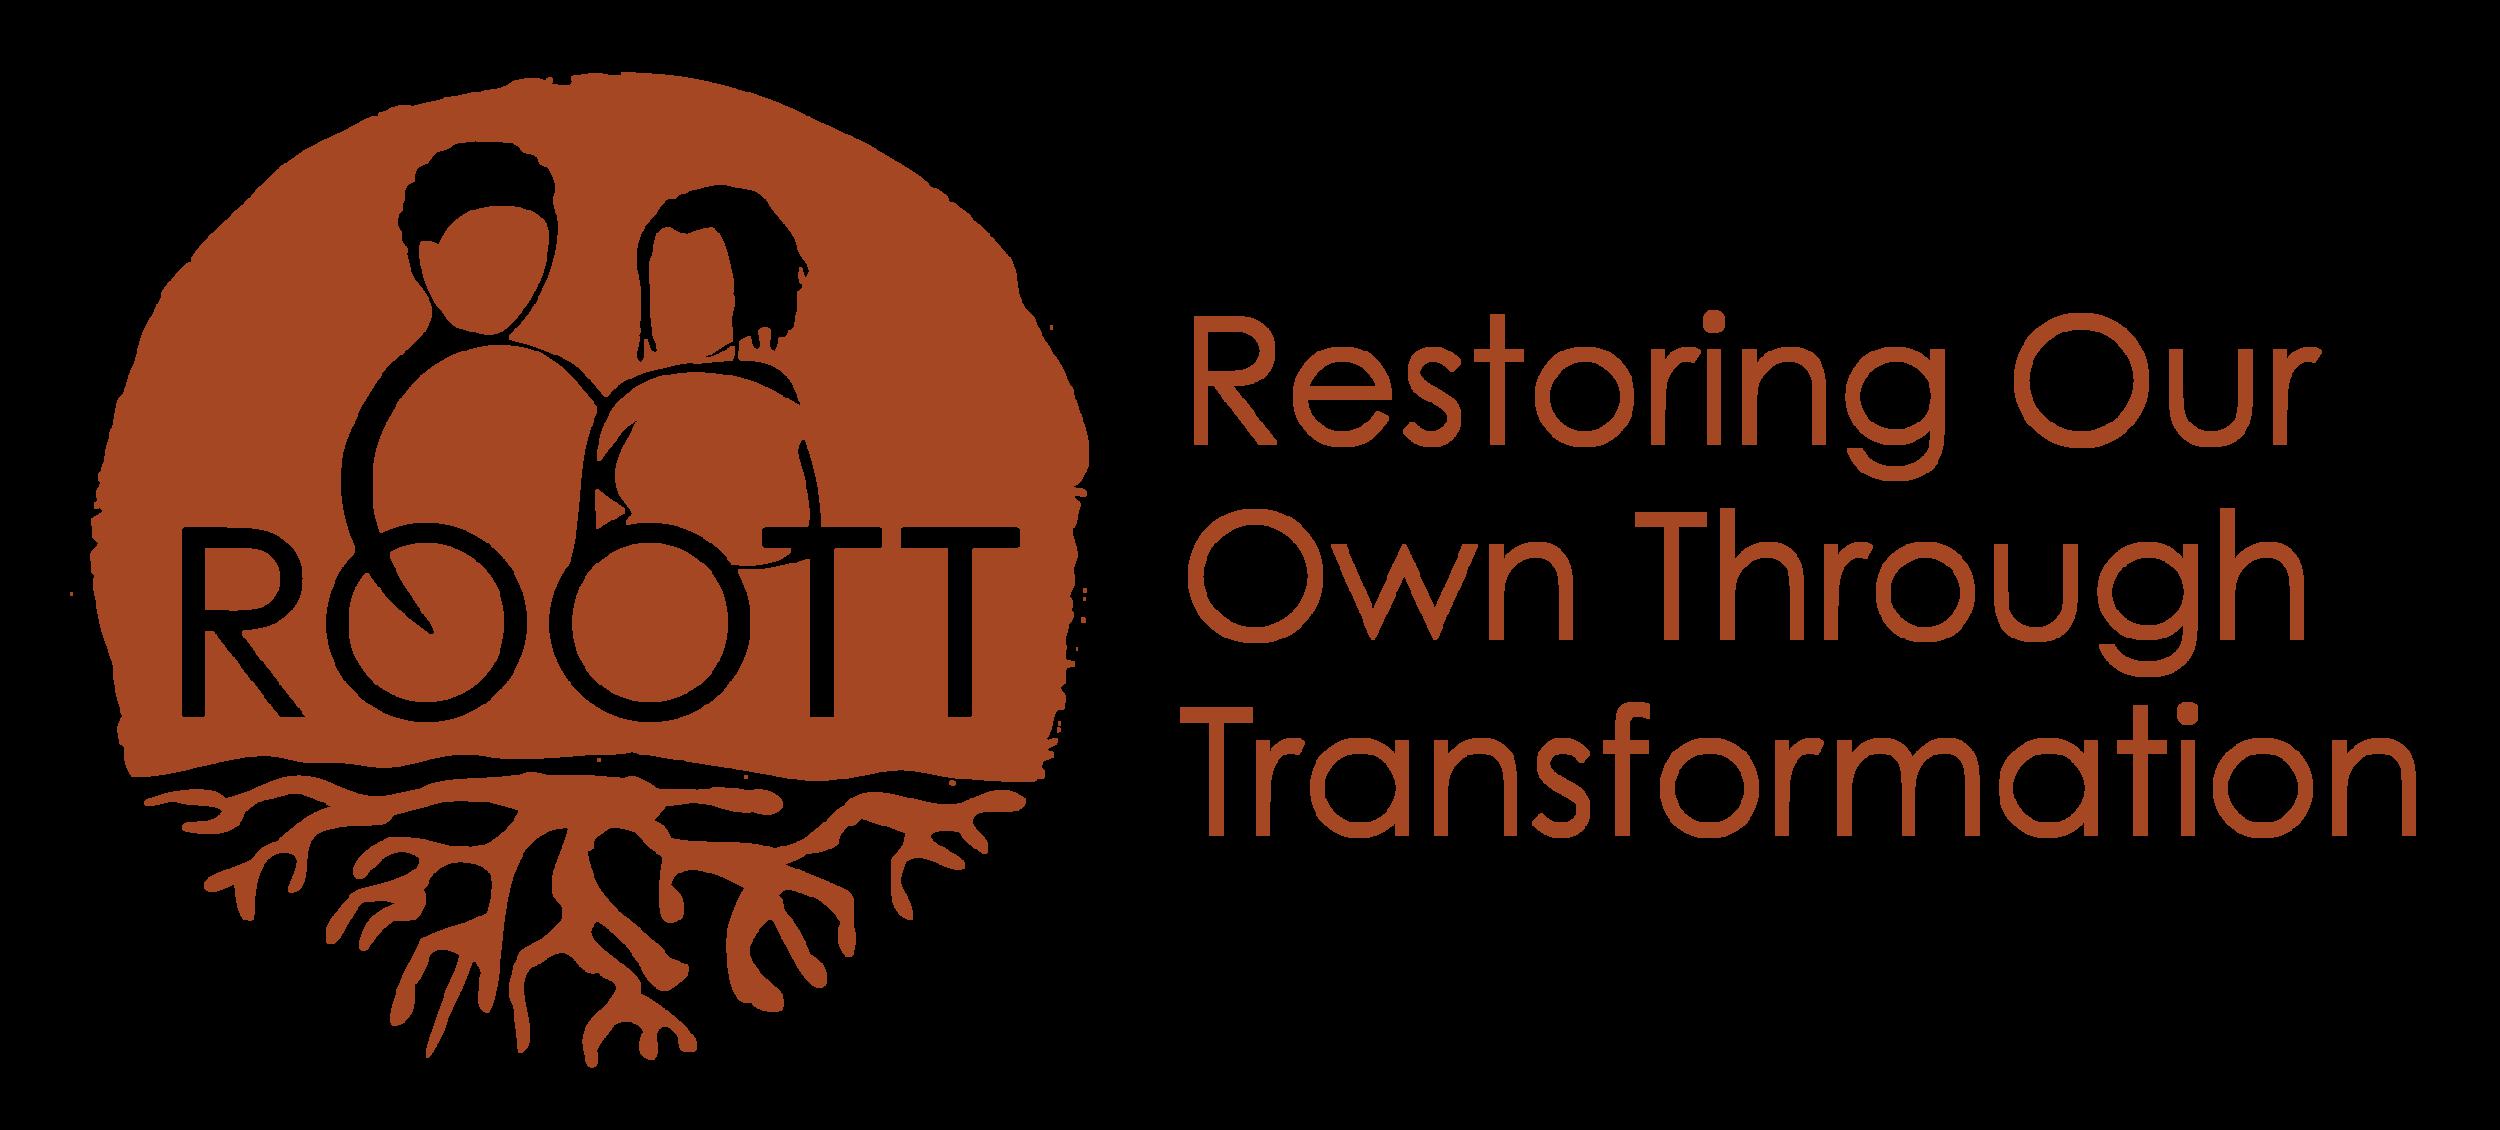 ROOTT_full_logo.png